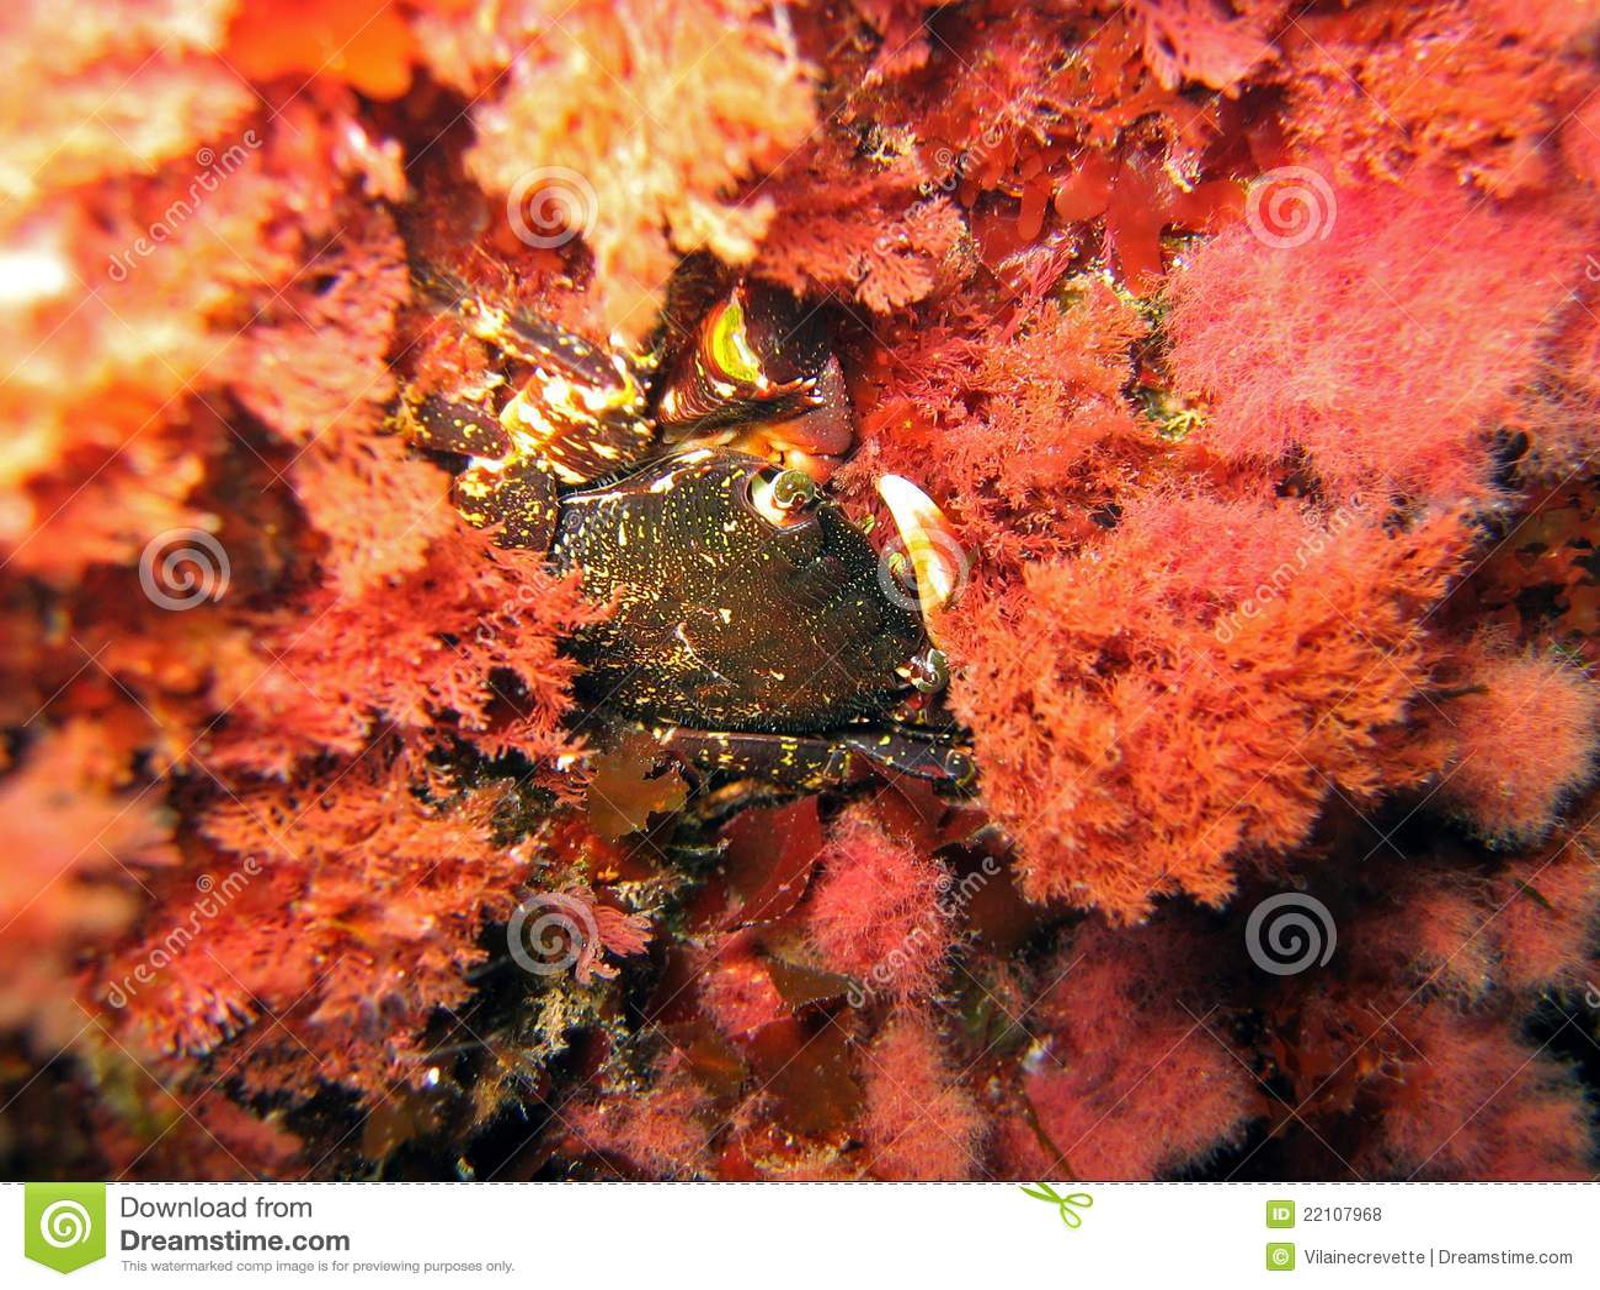 Cangrejo en algas rojas